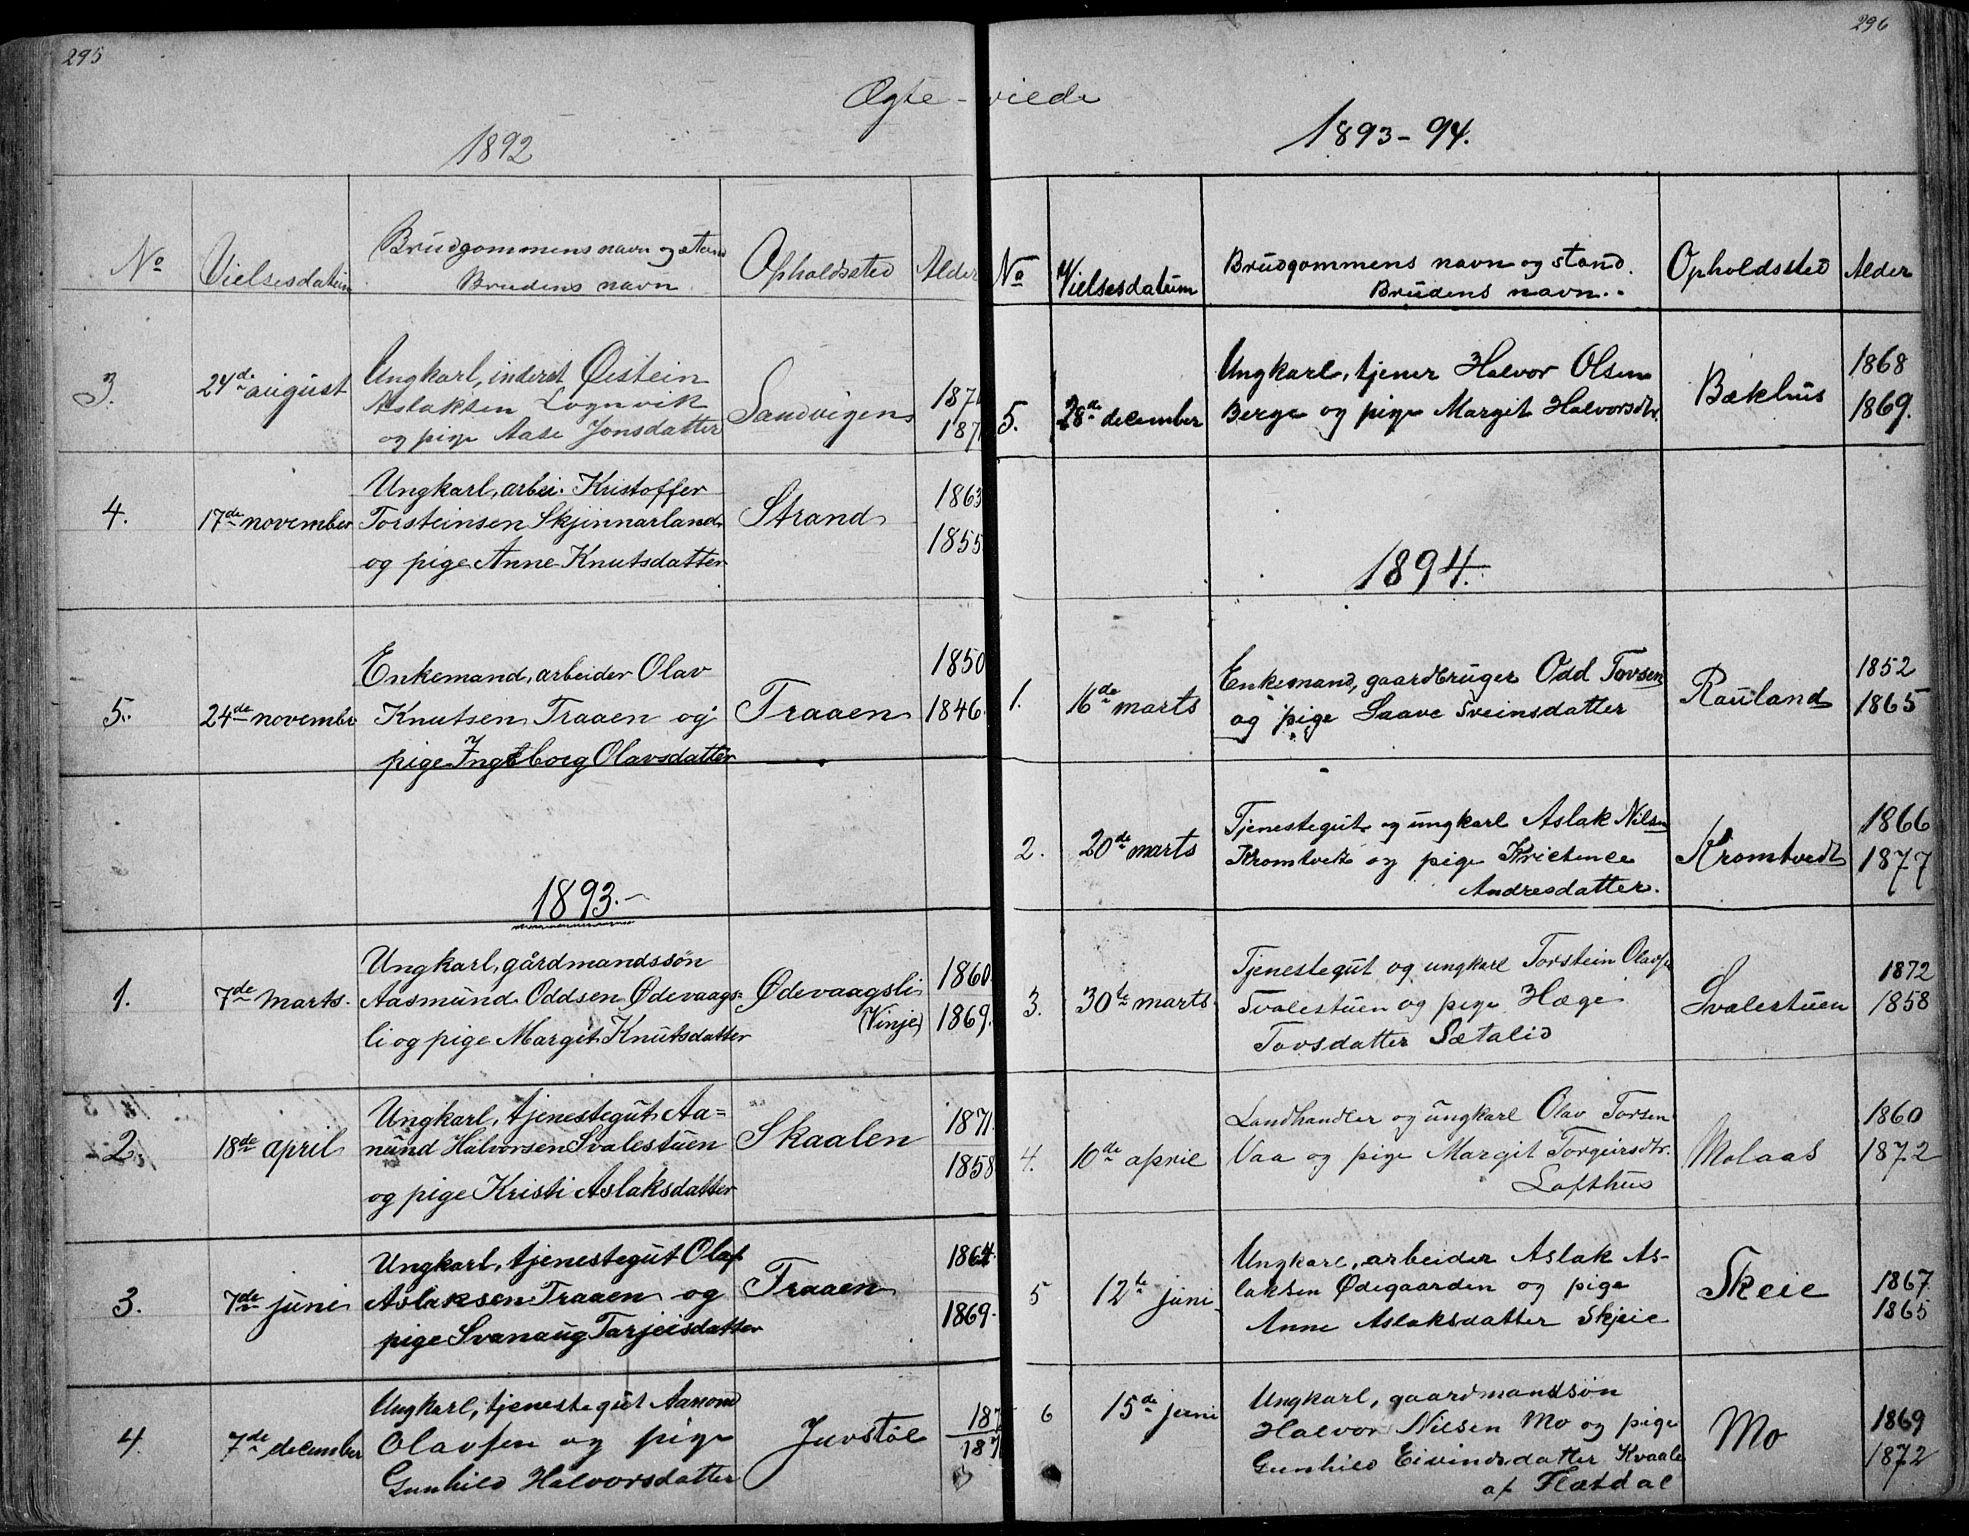 SAKO, Rauland kirkebøker, G/Ga/L0002: Klokkerbok nr. I 2, 1849-1935, s. 295-296